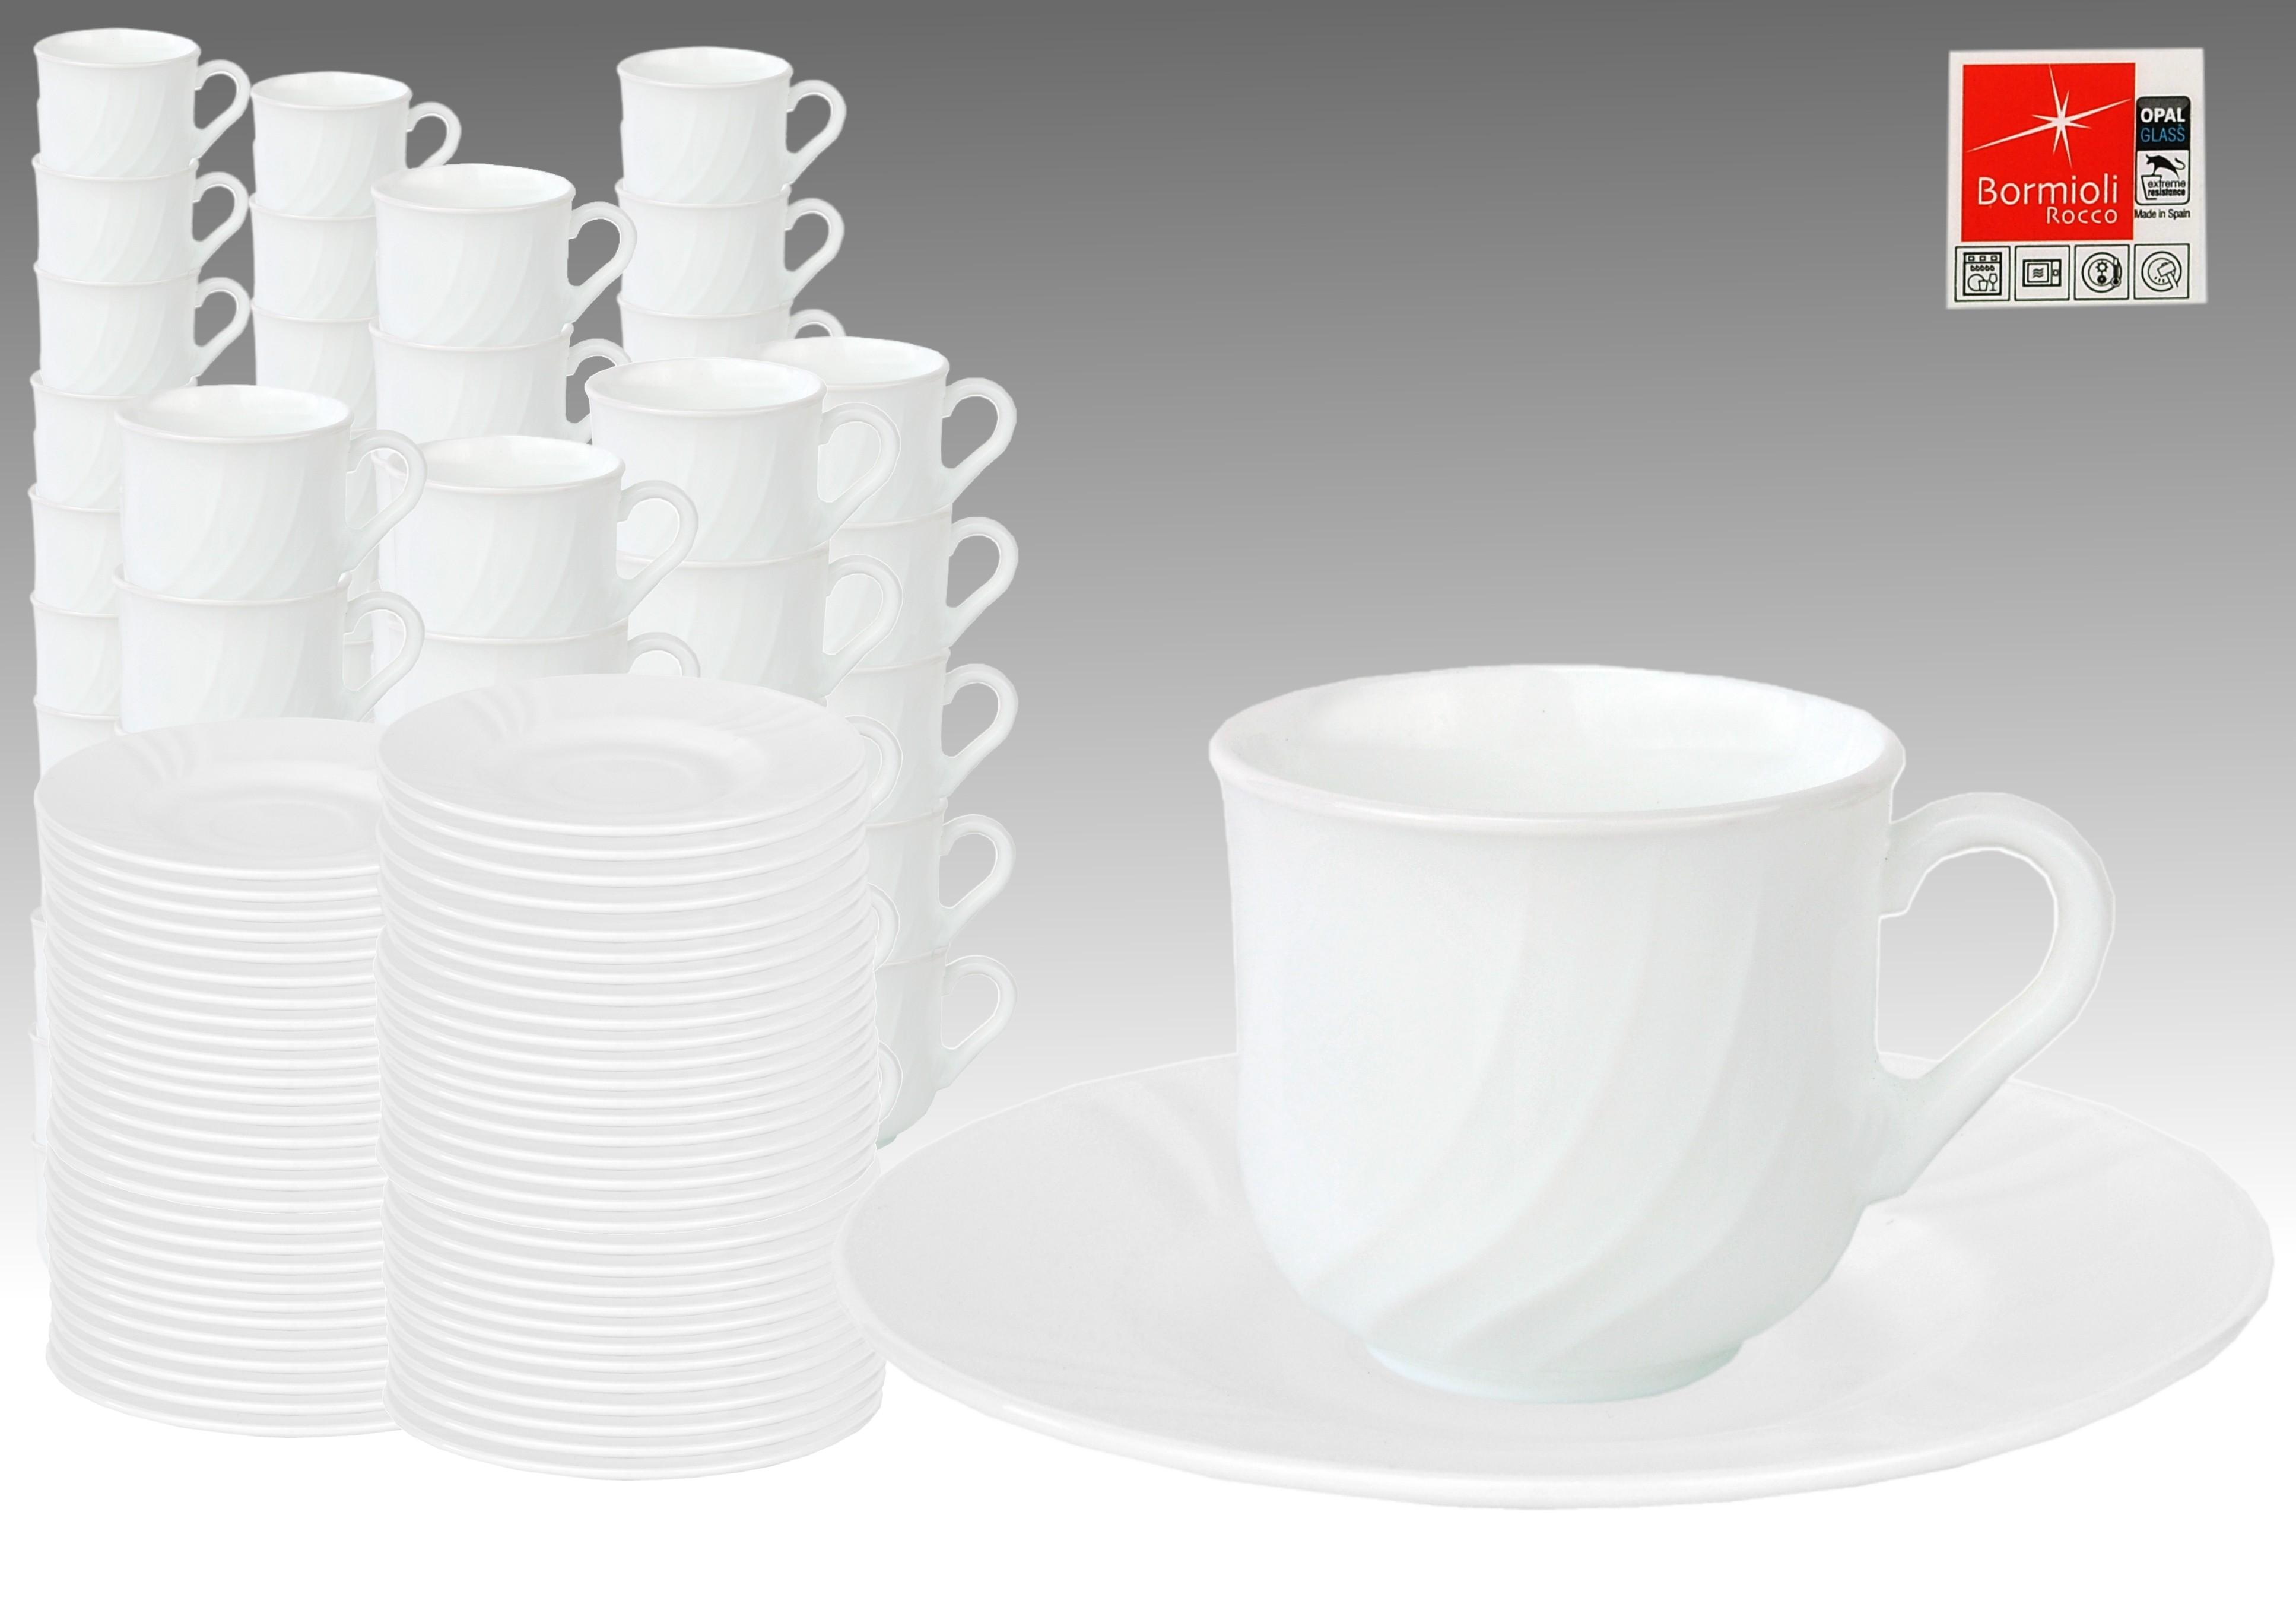 60er set kaffeetasse 25cl mit untertasse 15 5cm ebro aus opal hartglas porzellan tassen und becher. Black Bedroom Furniture Sets. Home Design Ideas